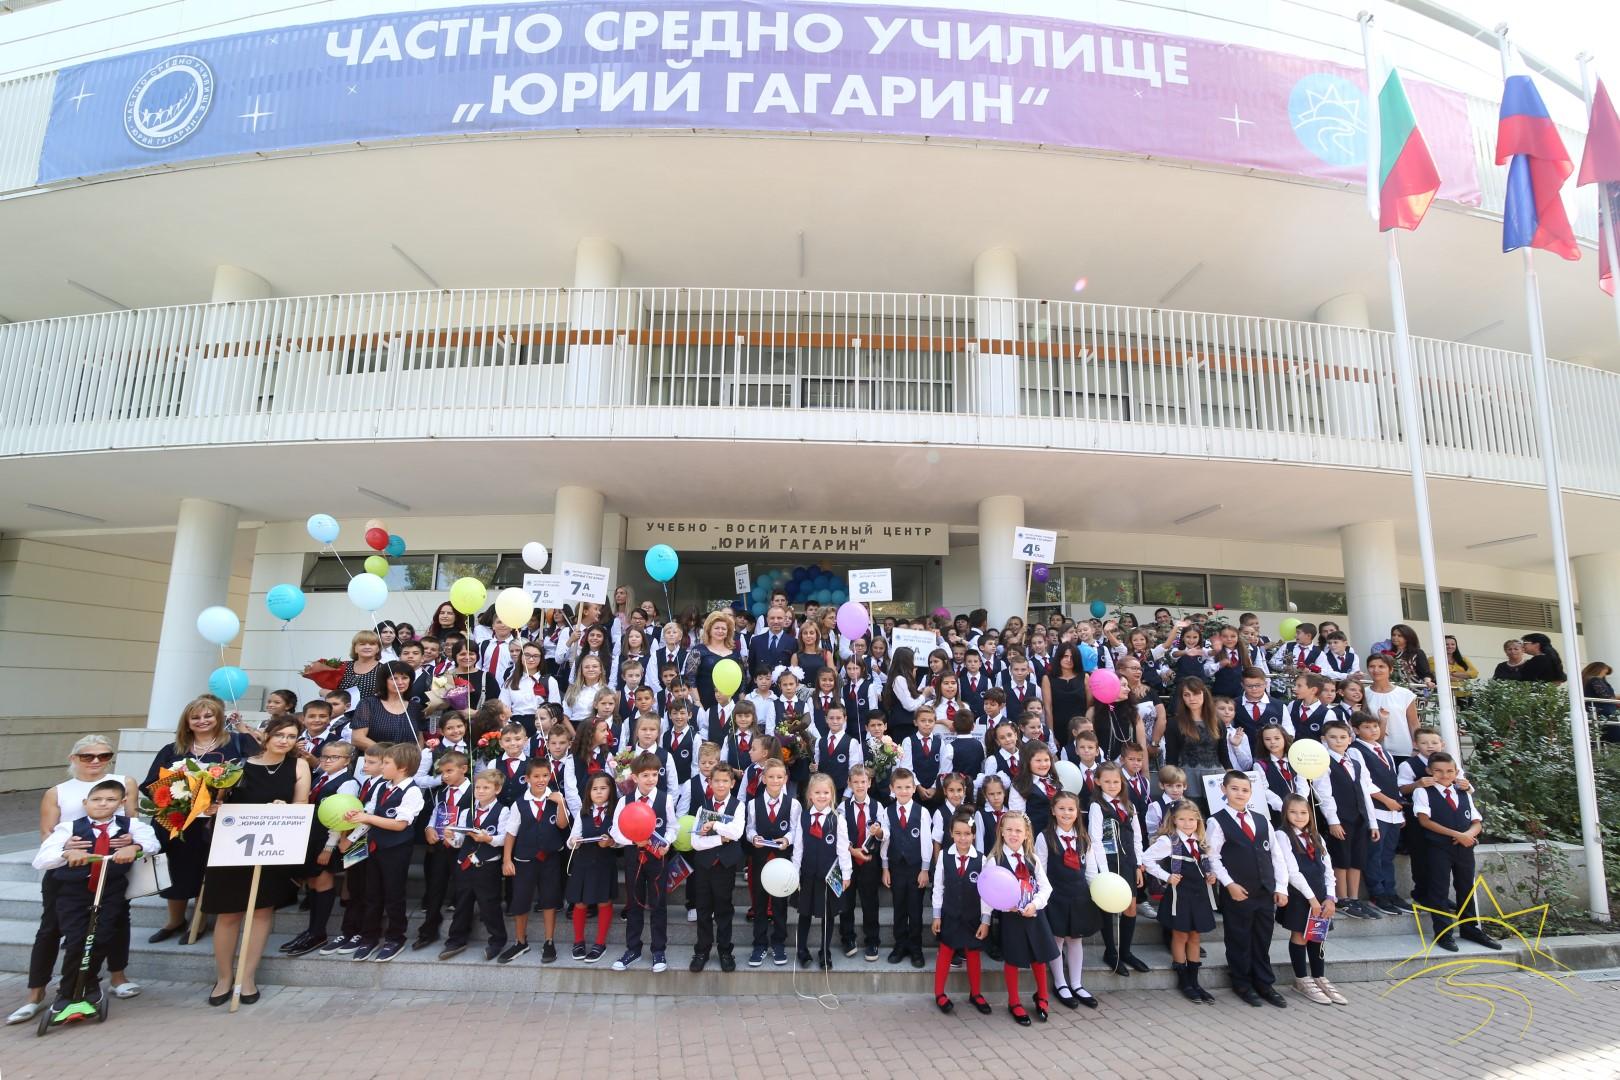 """ЧСУ """"Юрий Гагарин"""" започна новата учебна година с тържествена церемония и нови програми по проект """"Професии на бъдещето""""!"""